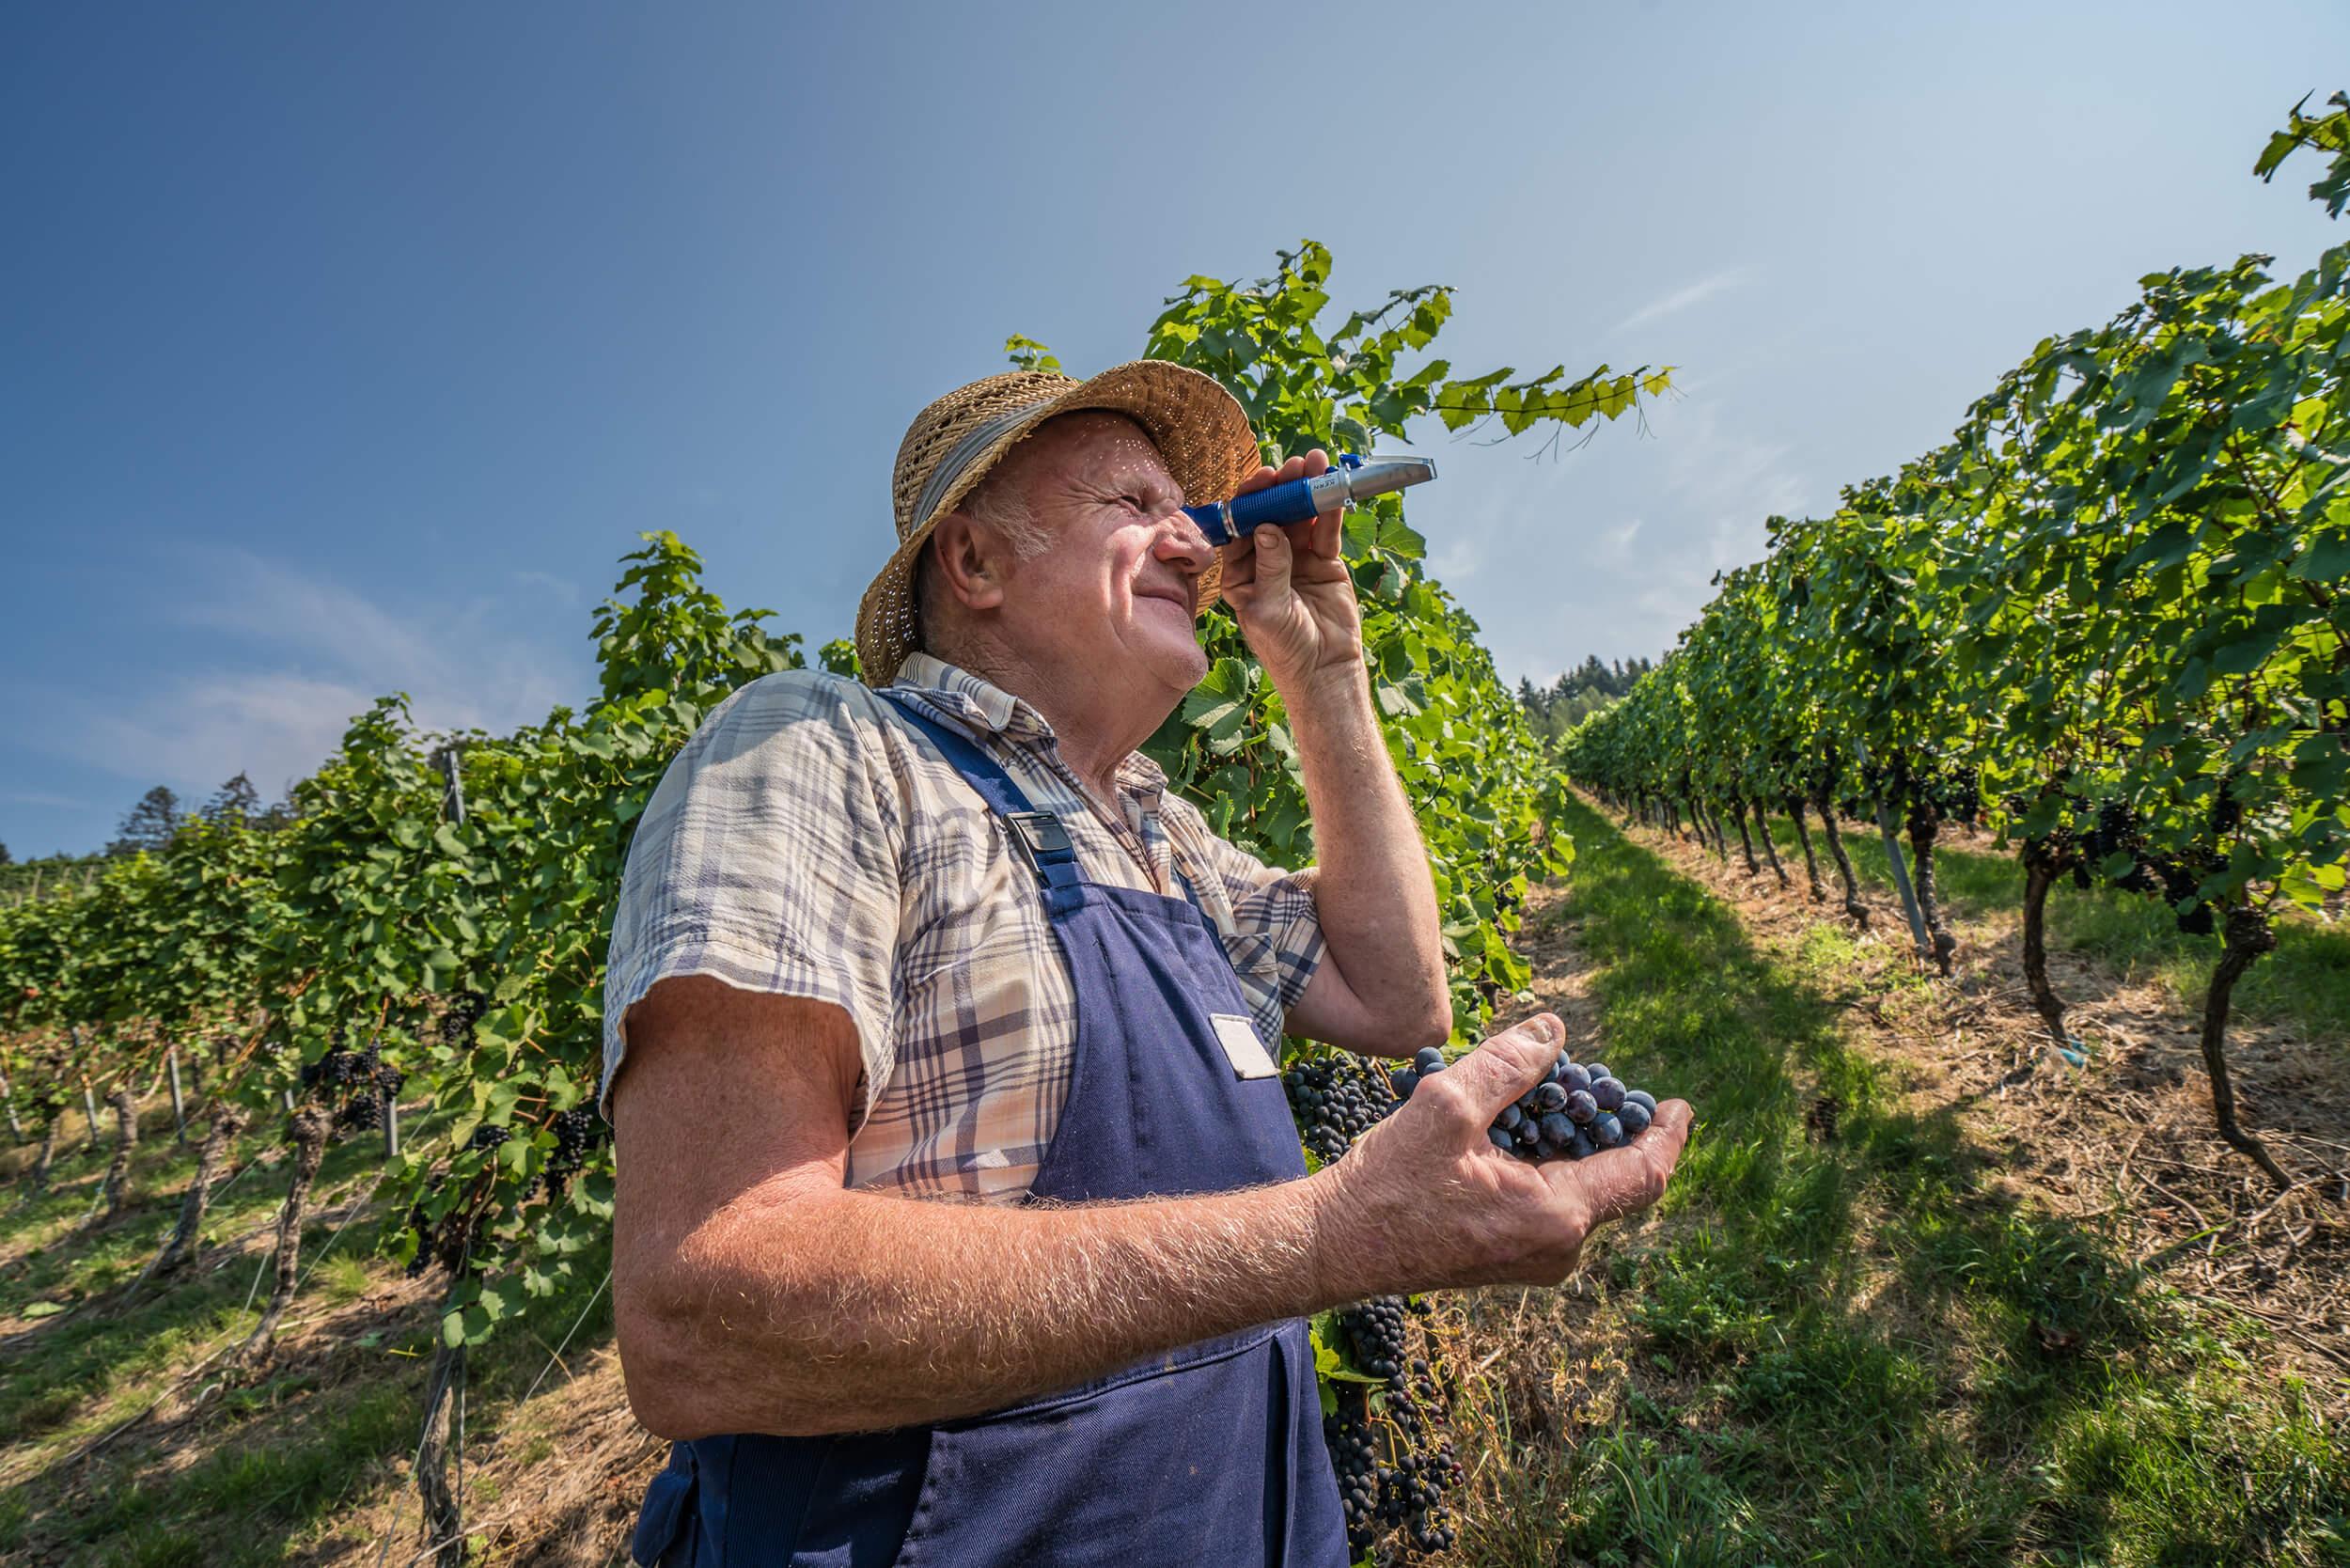 Winzer bei der Arbeit im Weinberg © Tourist-Info Kappelrodeck